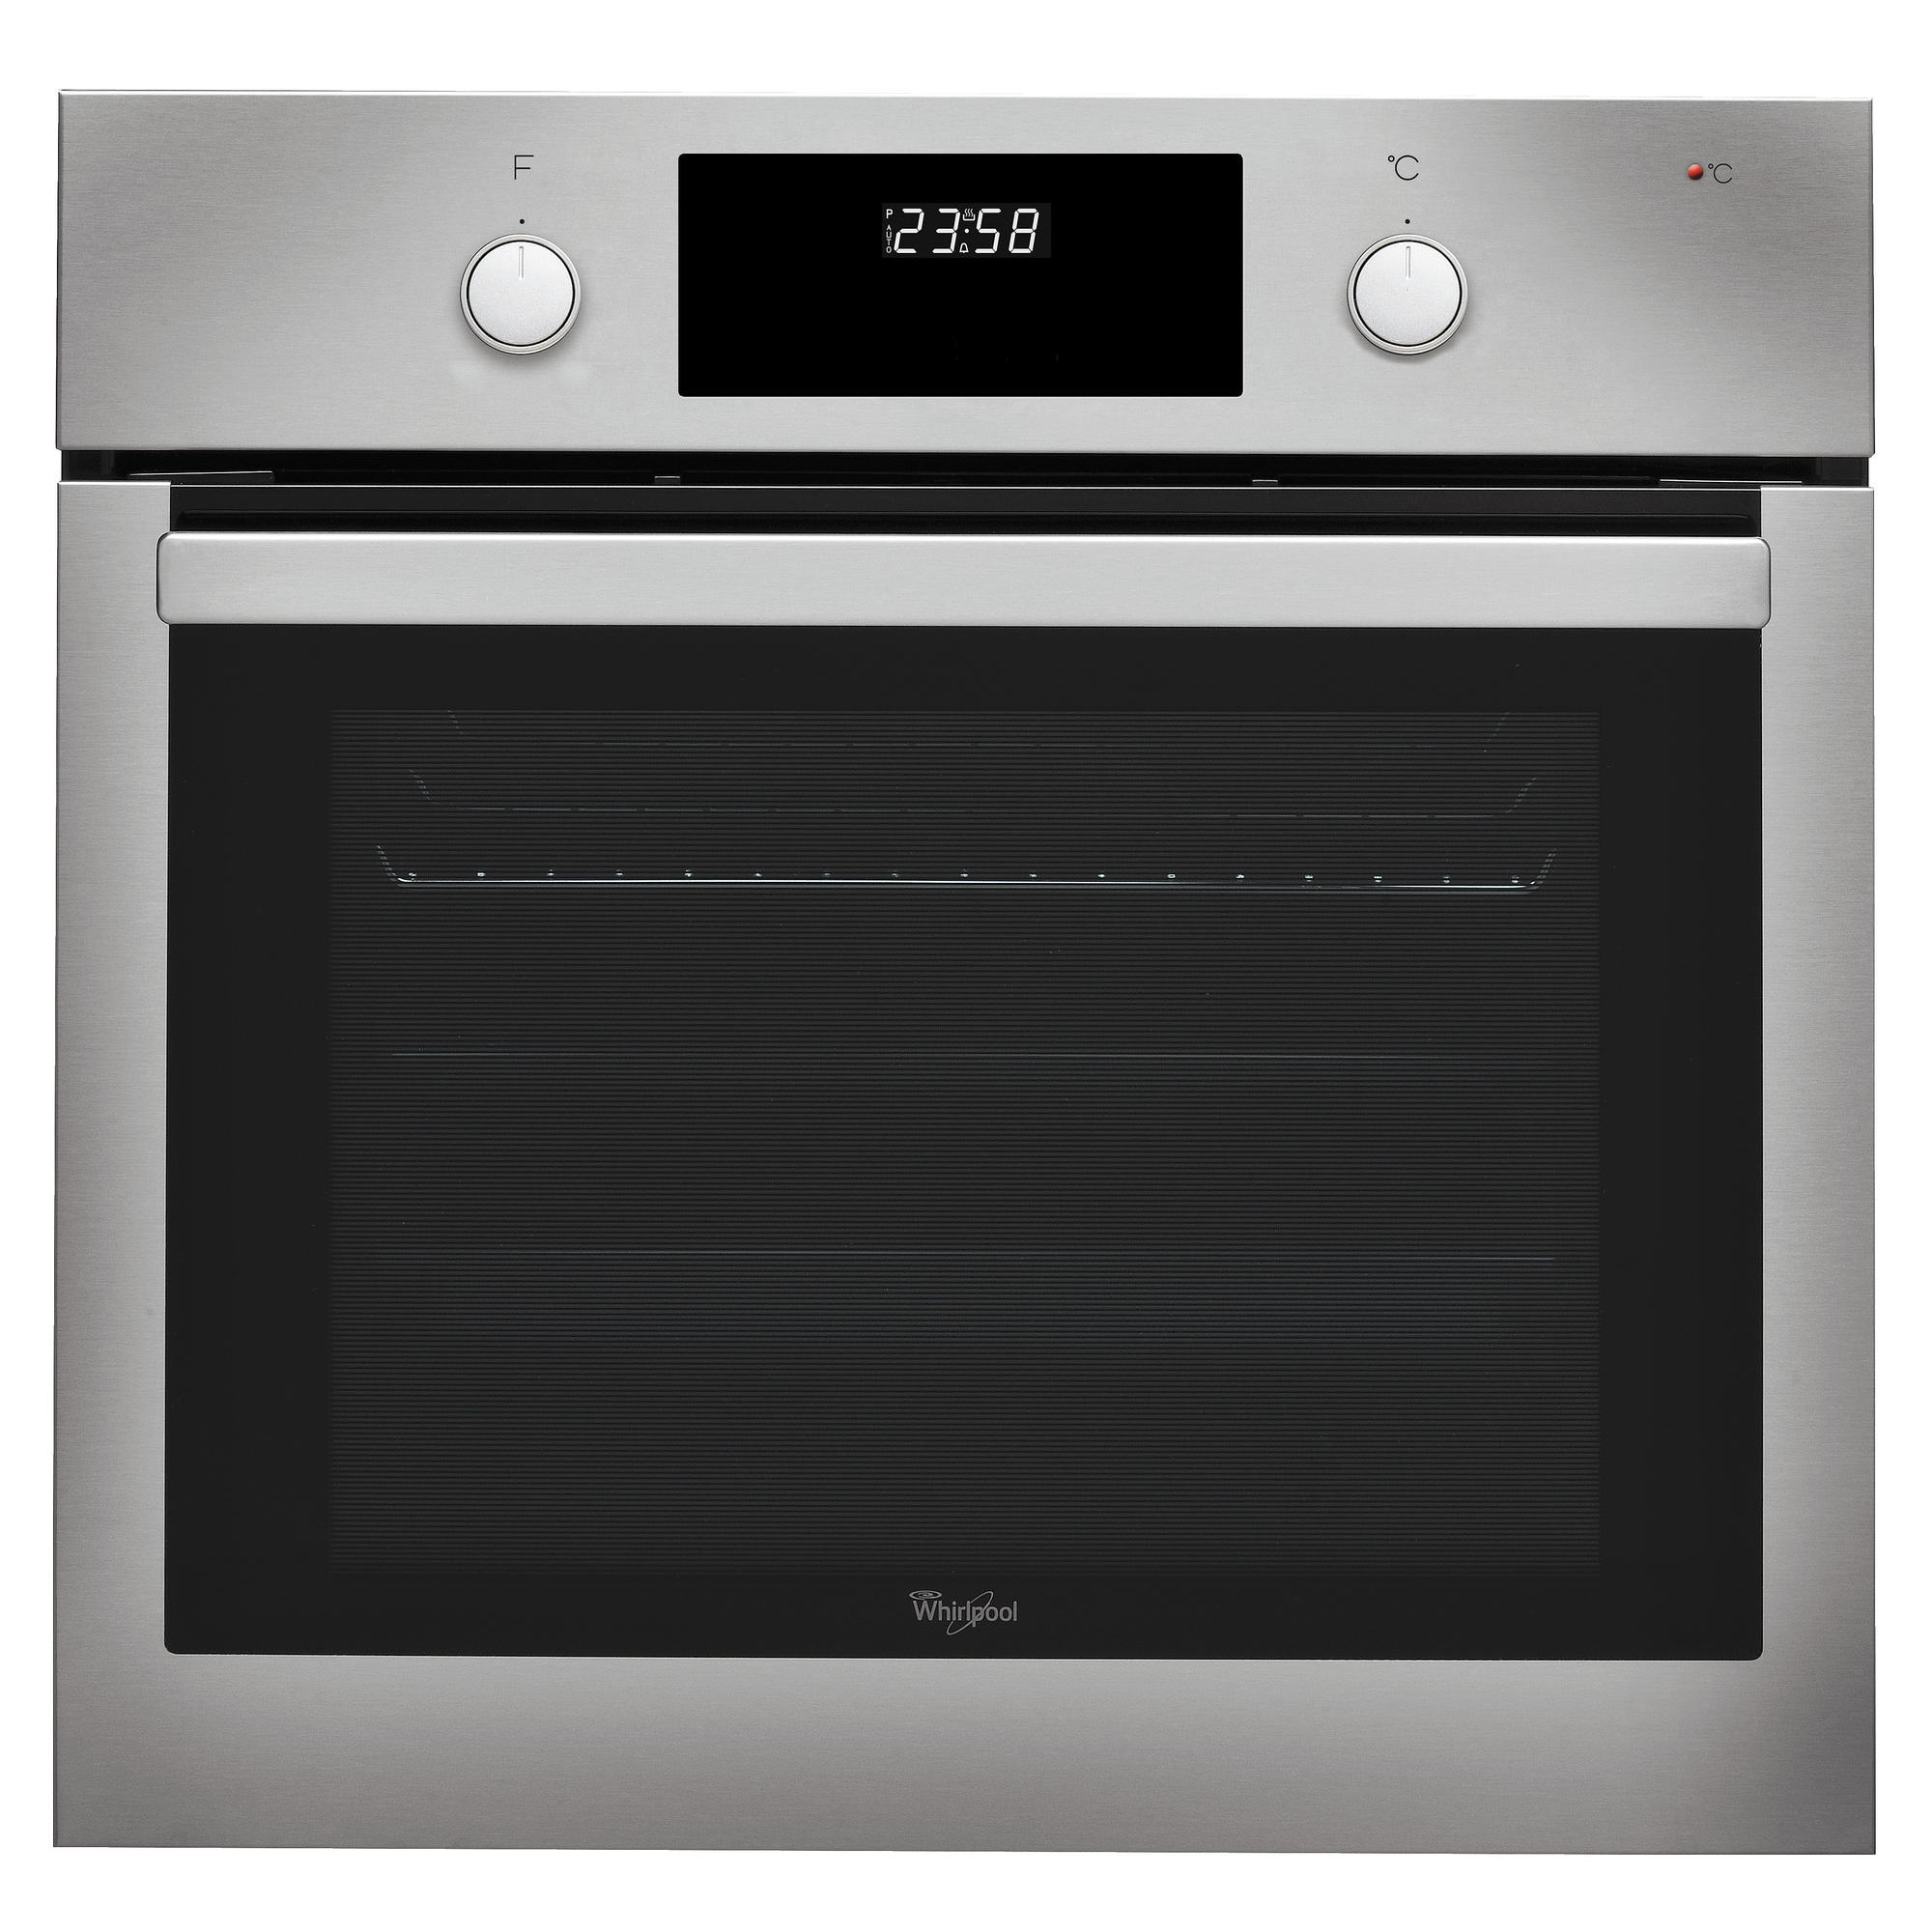 Comentarii, cum cureți rapid grăsimea arsă de pe vasele de bucătărie